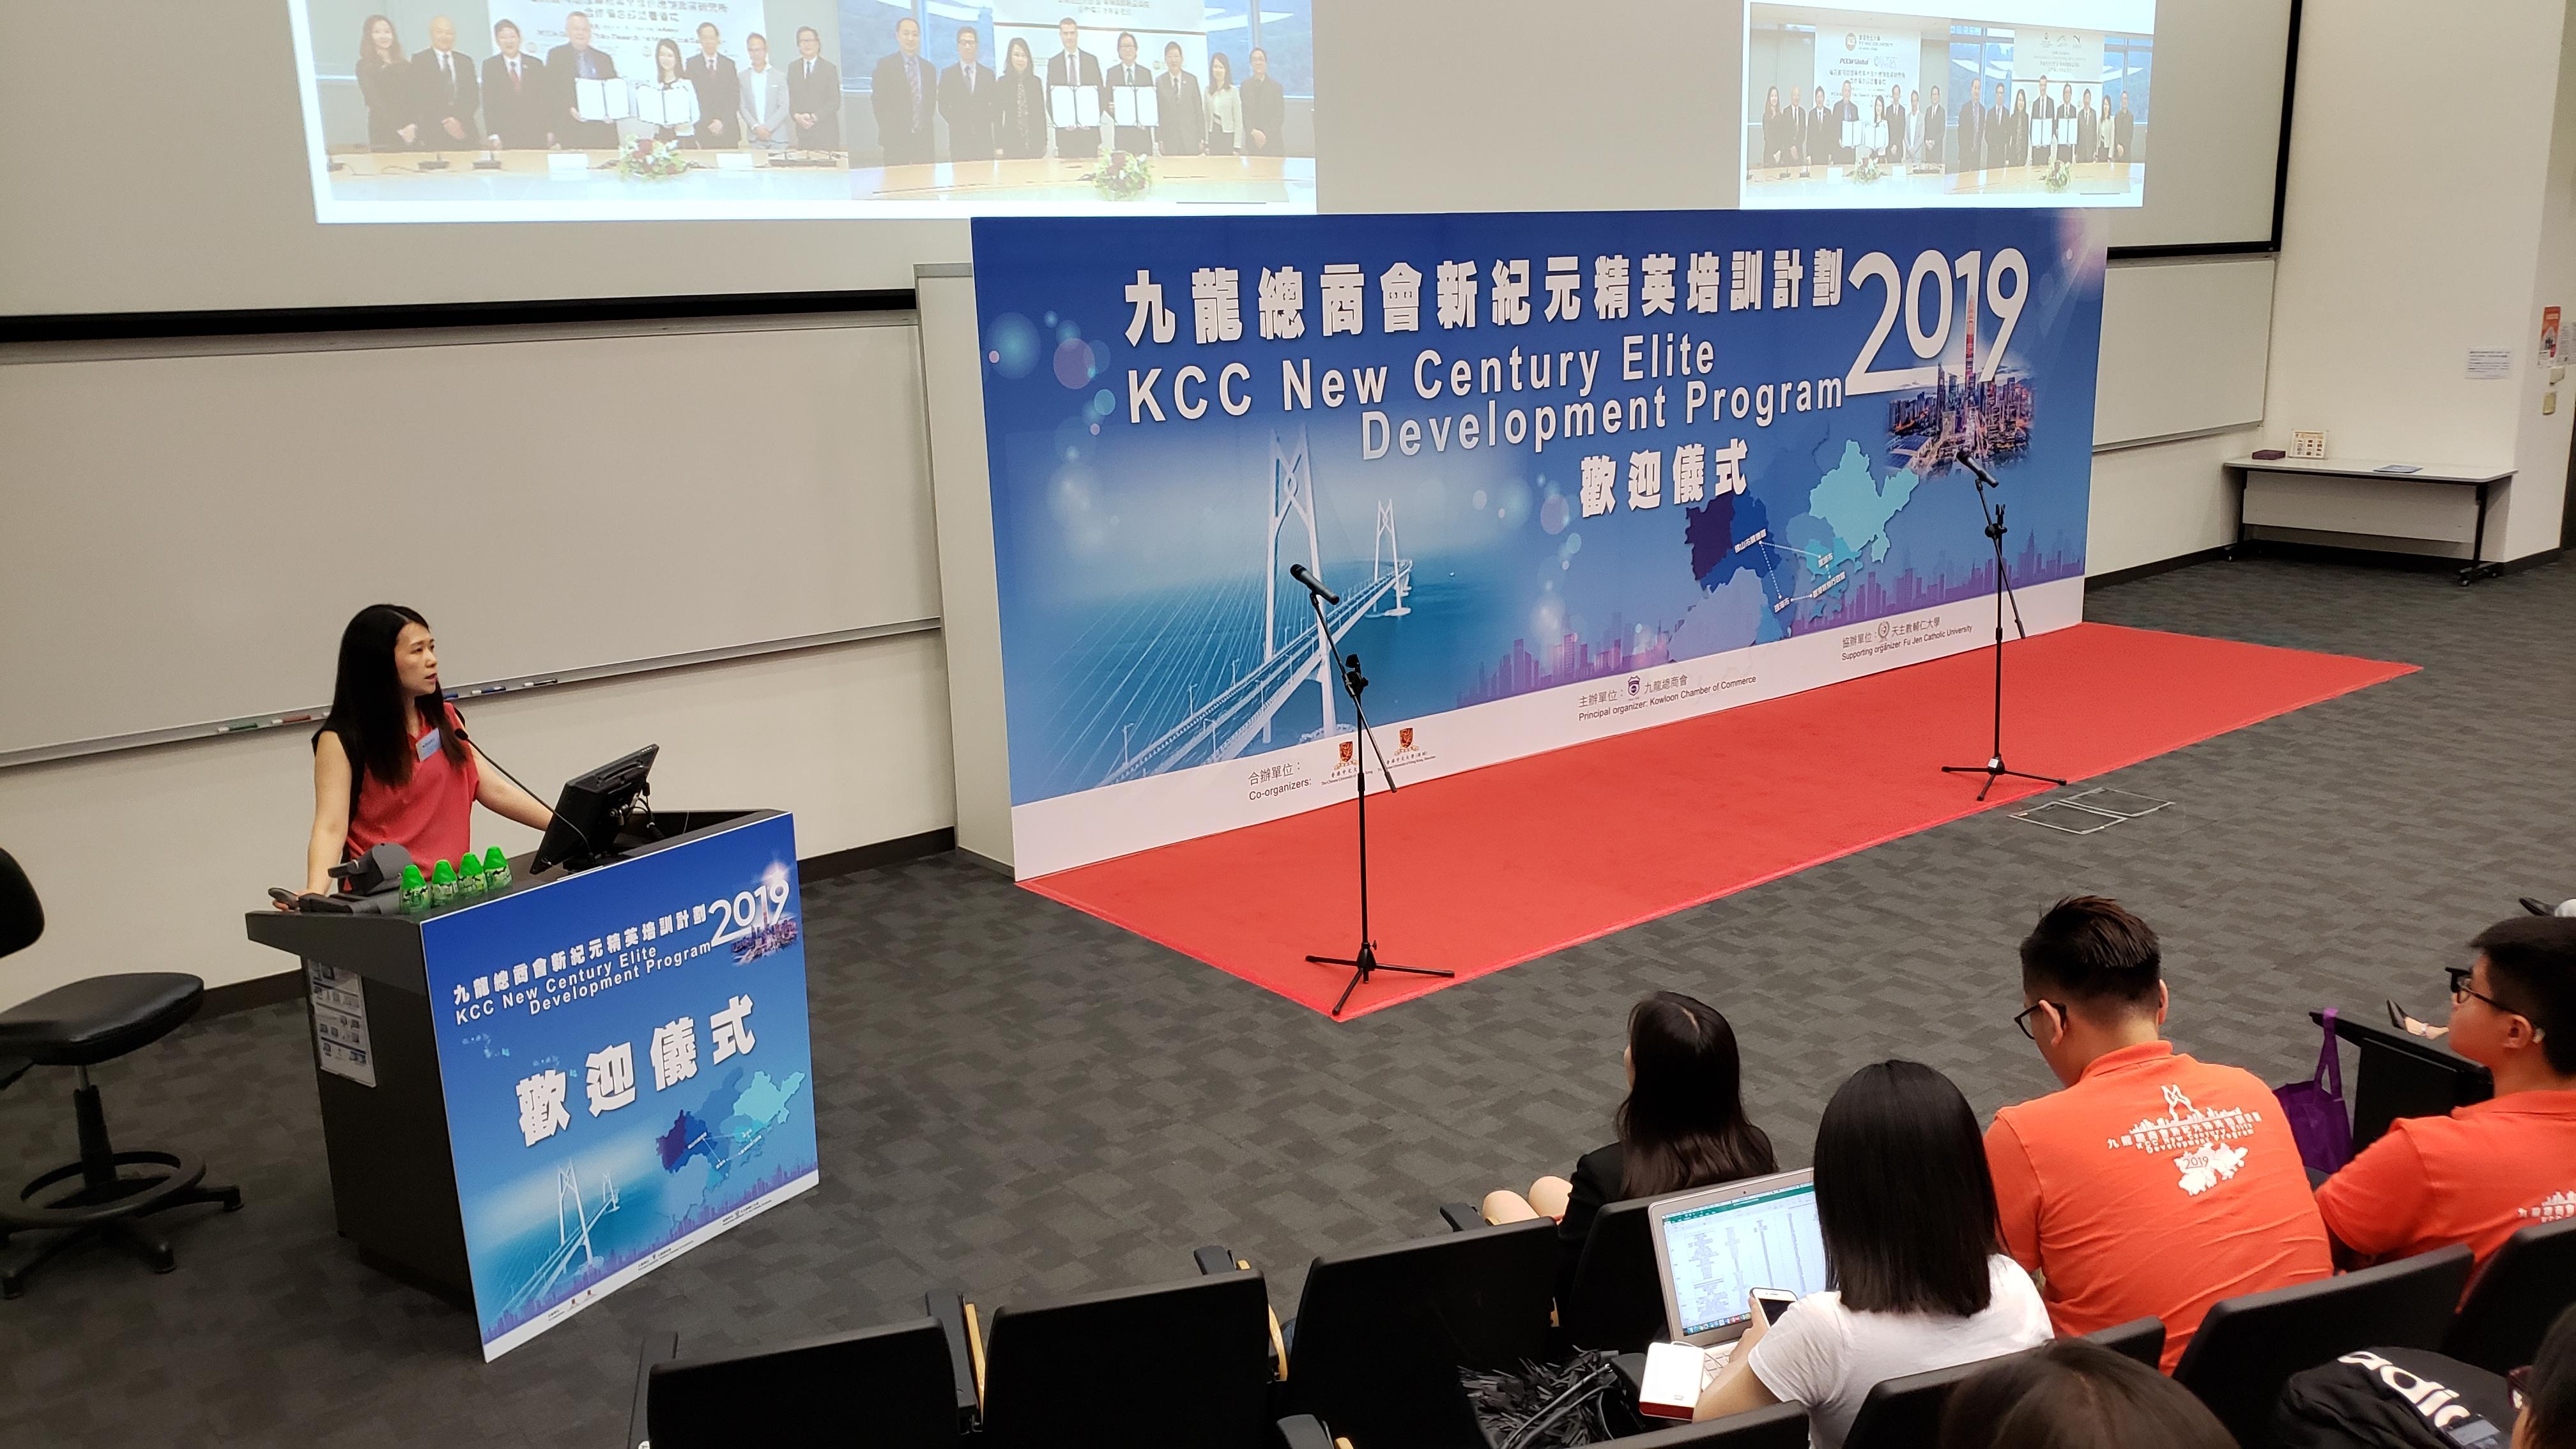 Dr. Collin Wong is giving a speech